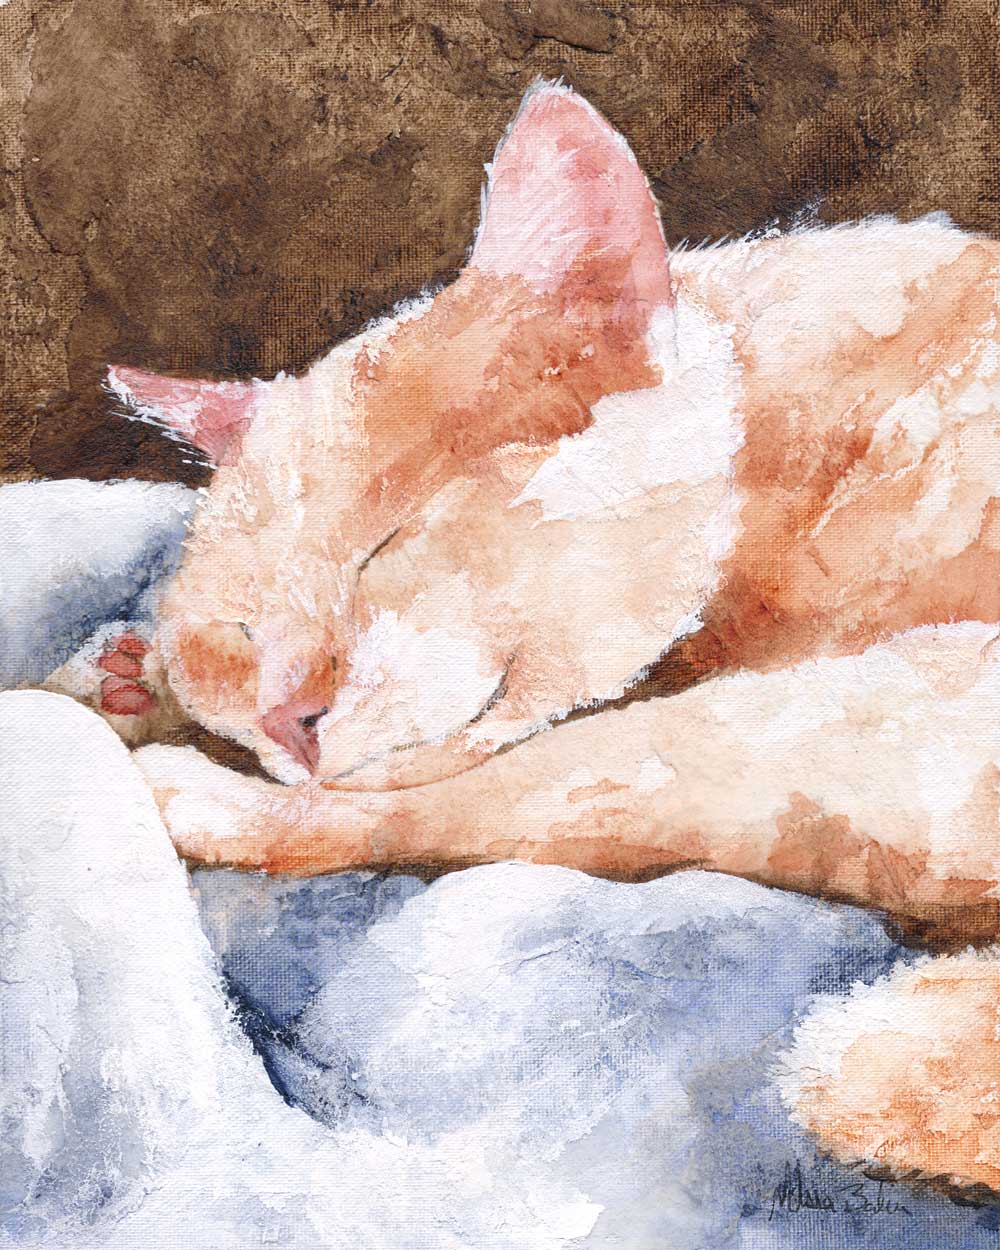 Catnip Dreams by Melissa Barbee